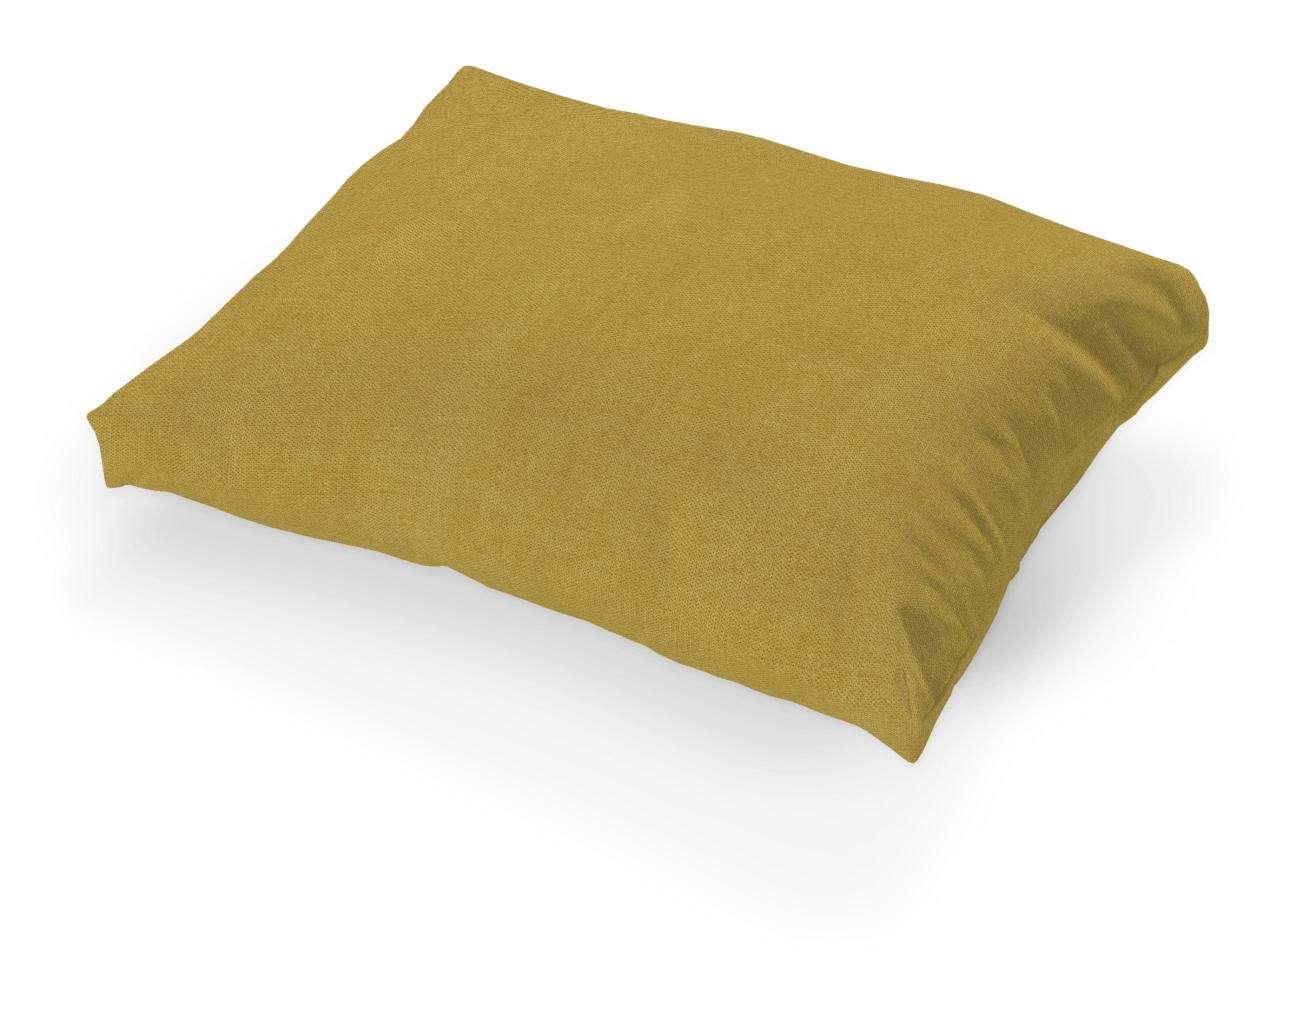 Kissenhülle für ein Kissen Tylösand 1 Stck Tylösand von der Kollektion Etna, Stoff: 705-04